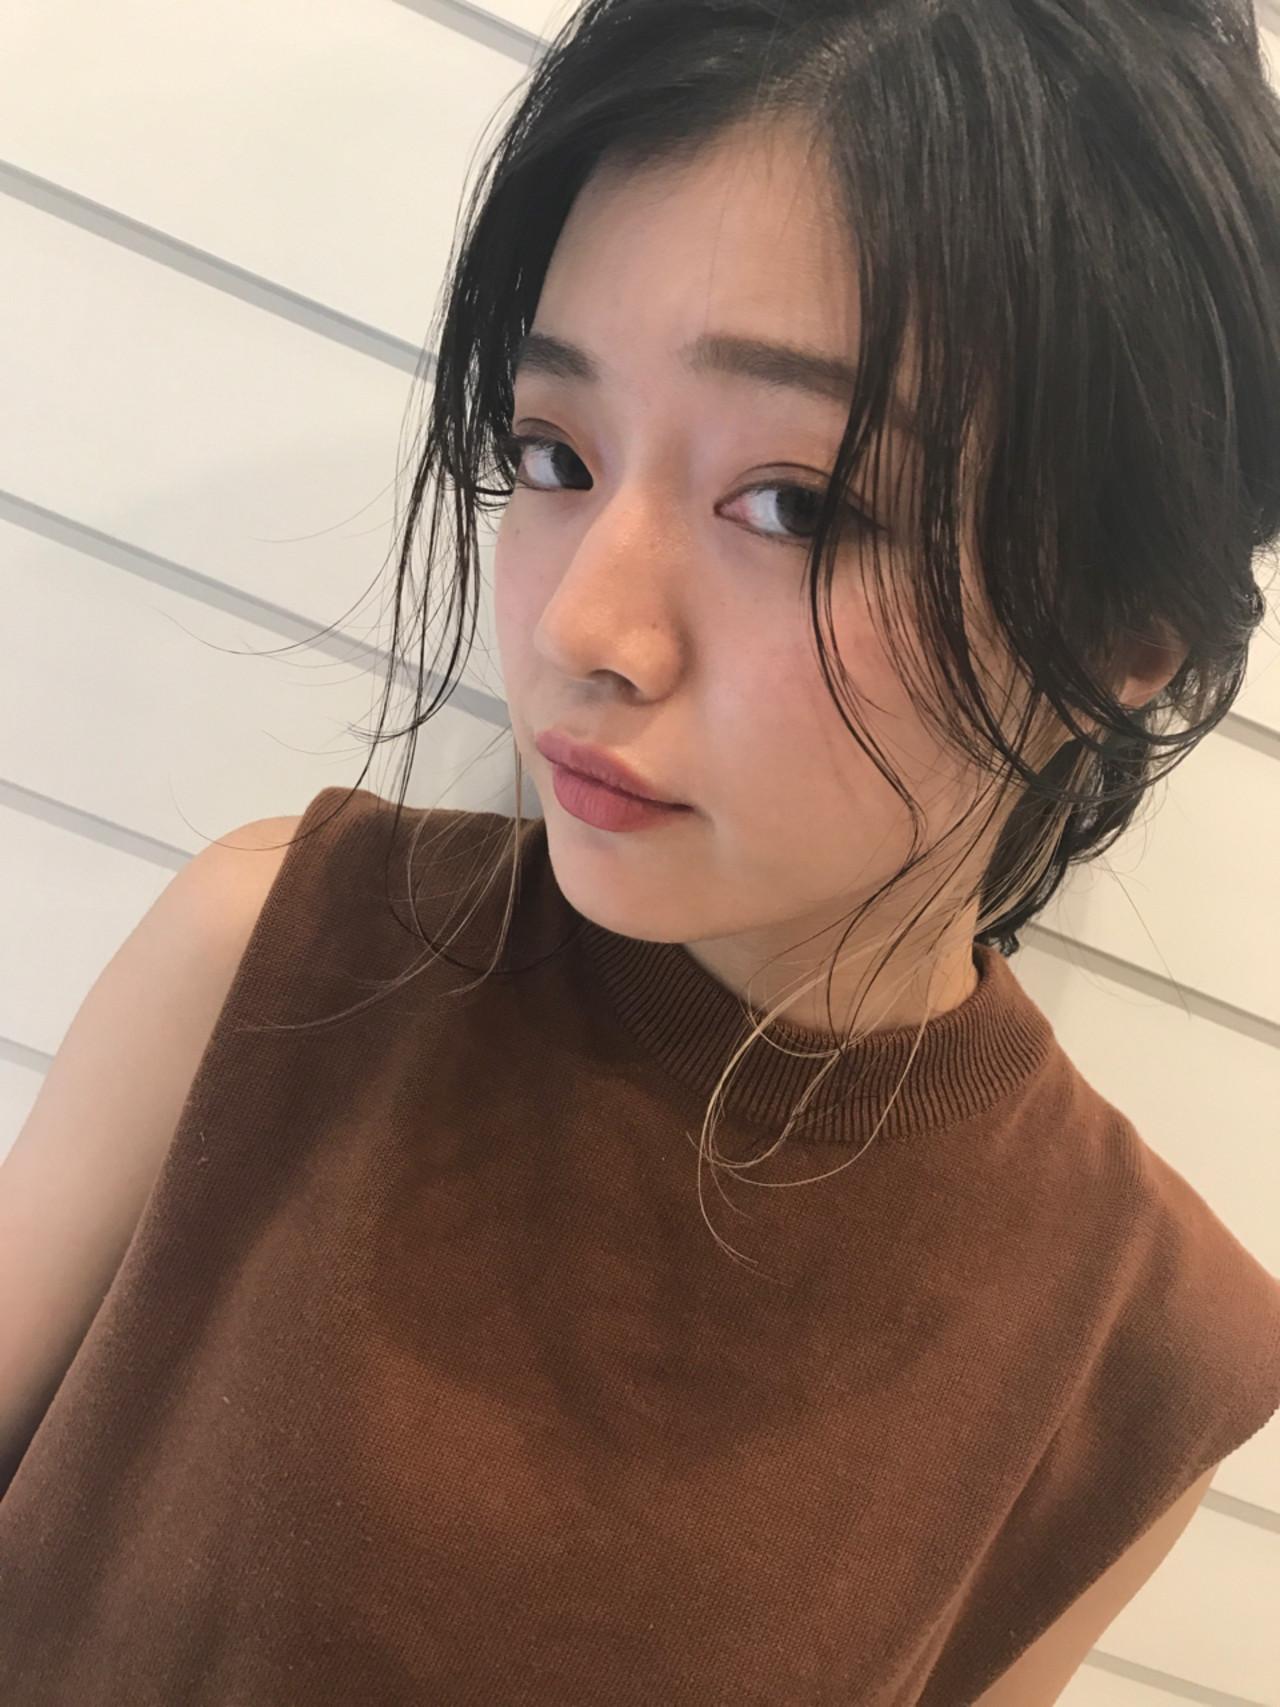 ヘアアレンジ 黒髪 簡単ヘアアレンジ セミロング ヘアスタイルや髪型の写真・画像 | Nakamura Gota / noah  parfait 銀座